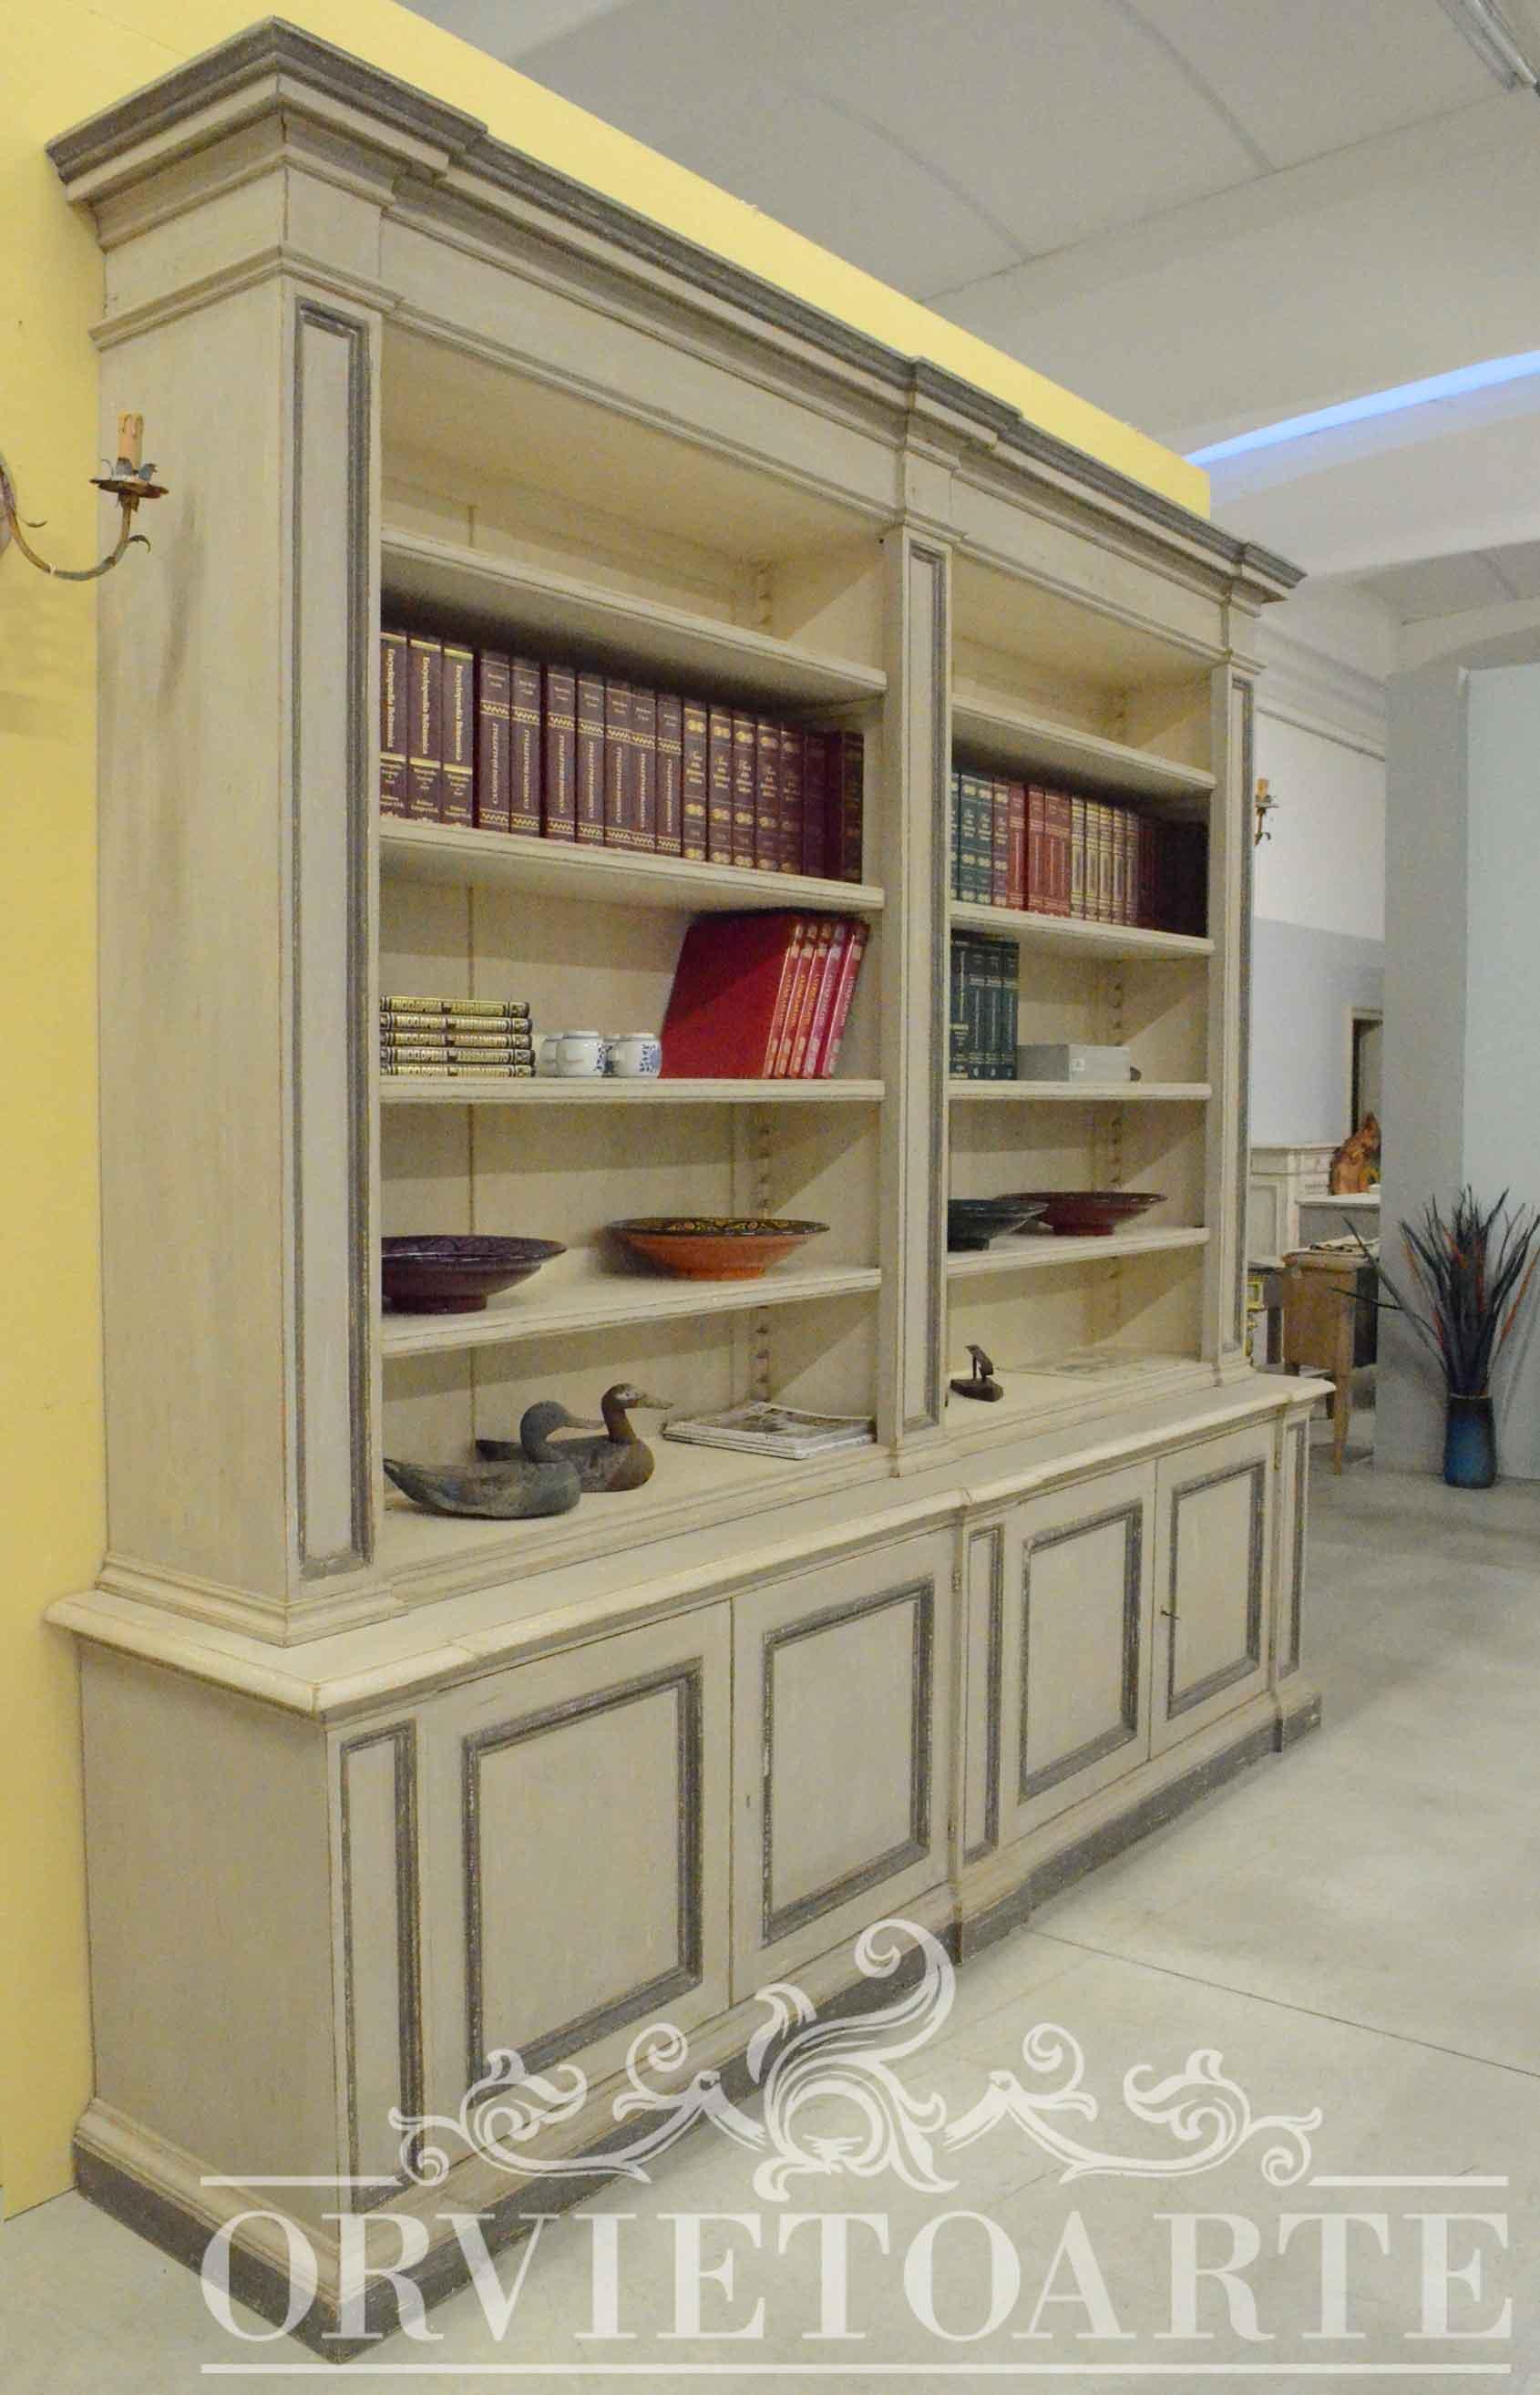 ebay size to shelves shanty chic bookshelf full kitchen shabby splendid inspirations style shelf corner charming